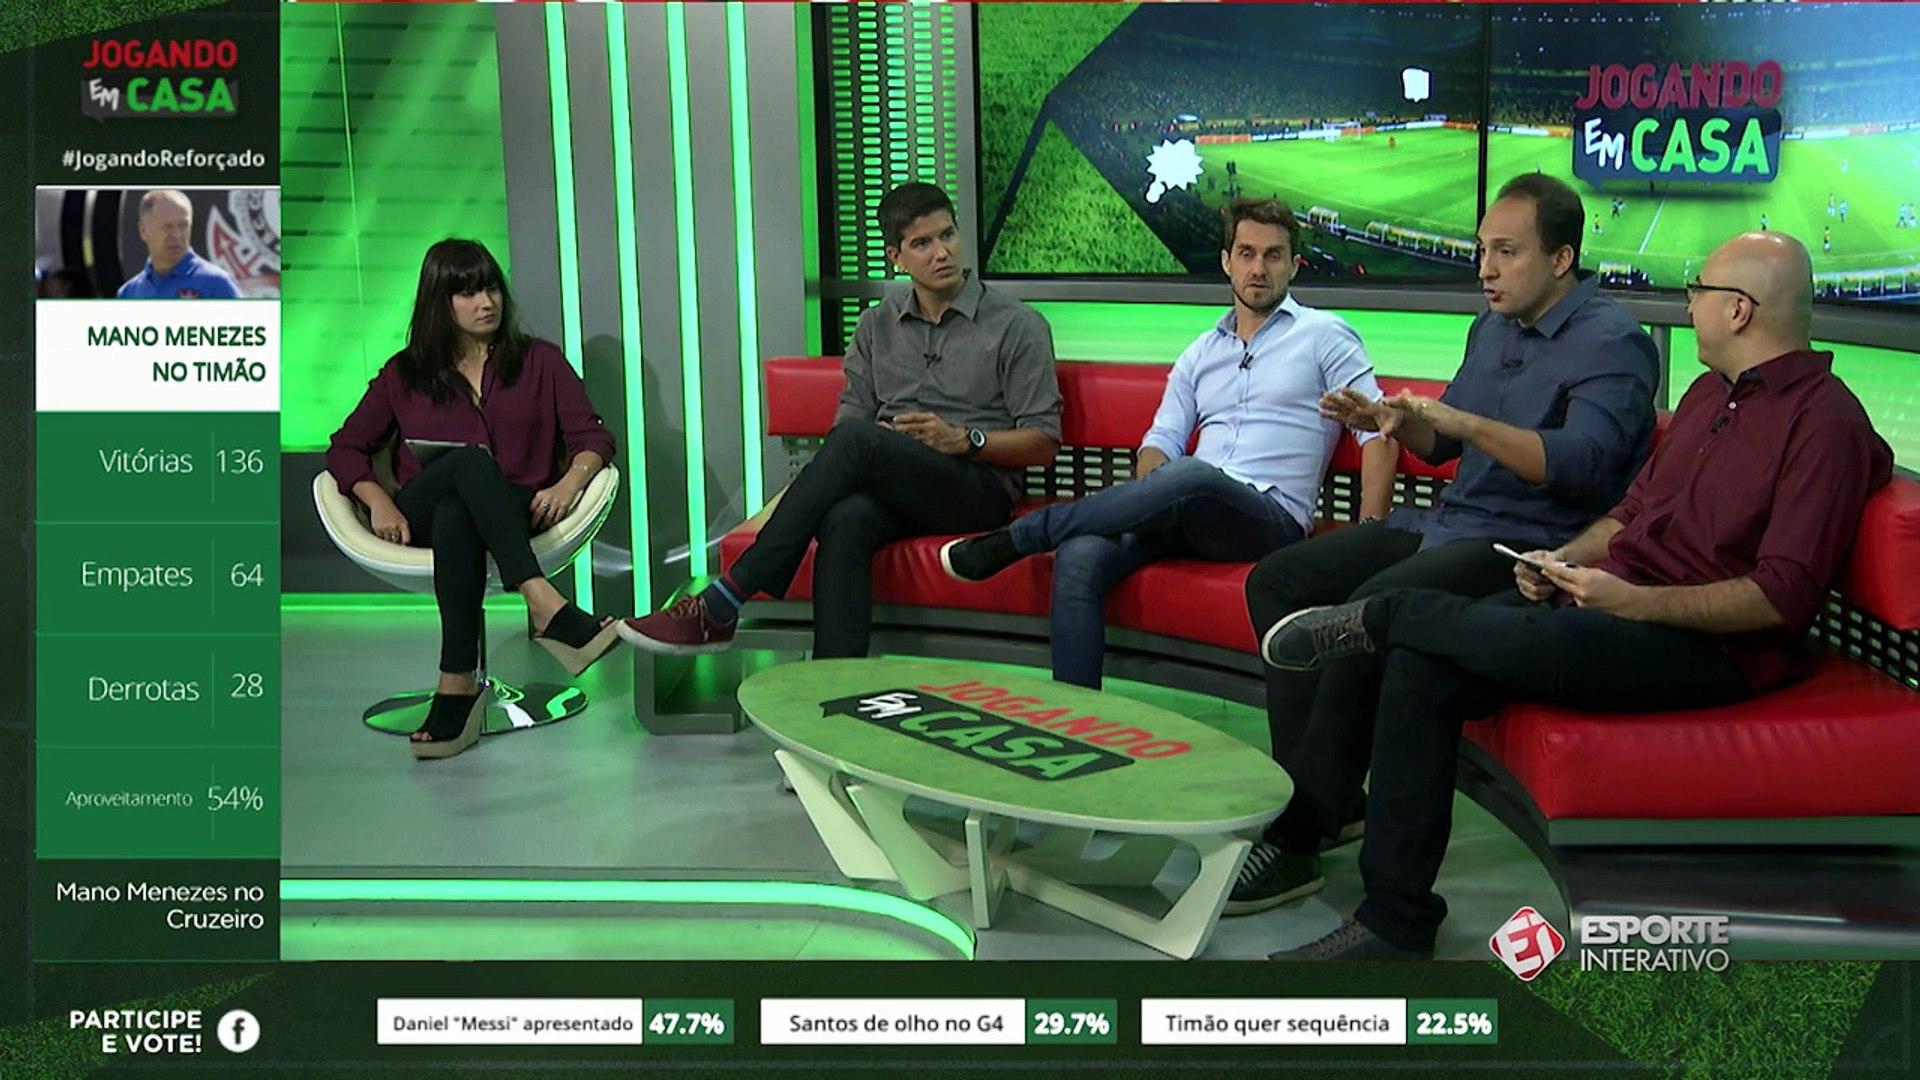 Jogando em Casa debate contratação de Mano Menezes pelo Cruzeiro